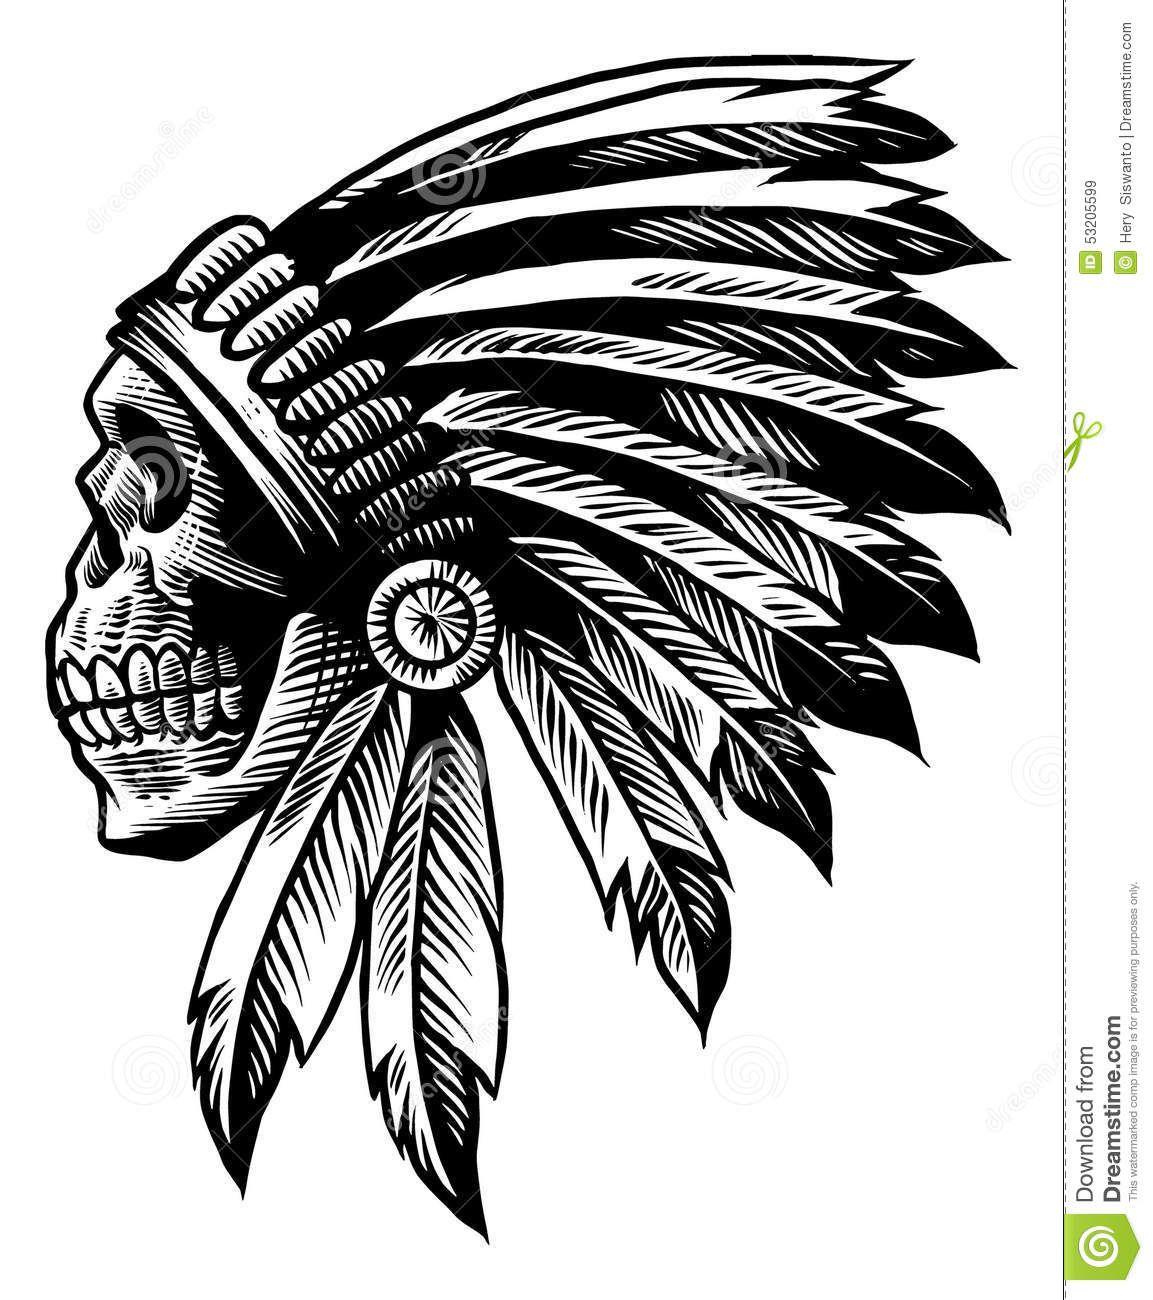 diseños de plumas indias - Buscar con Google | Skulls, calacas y ...